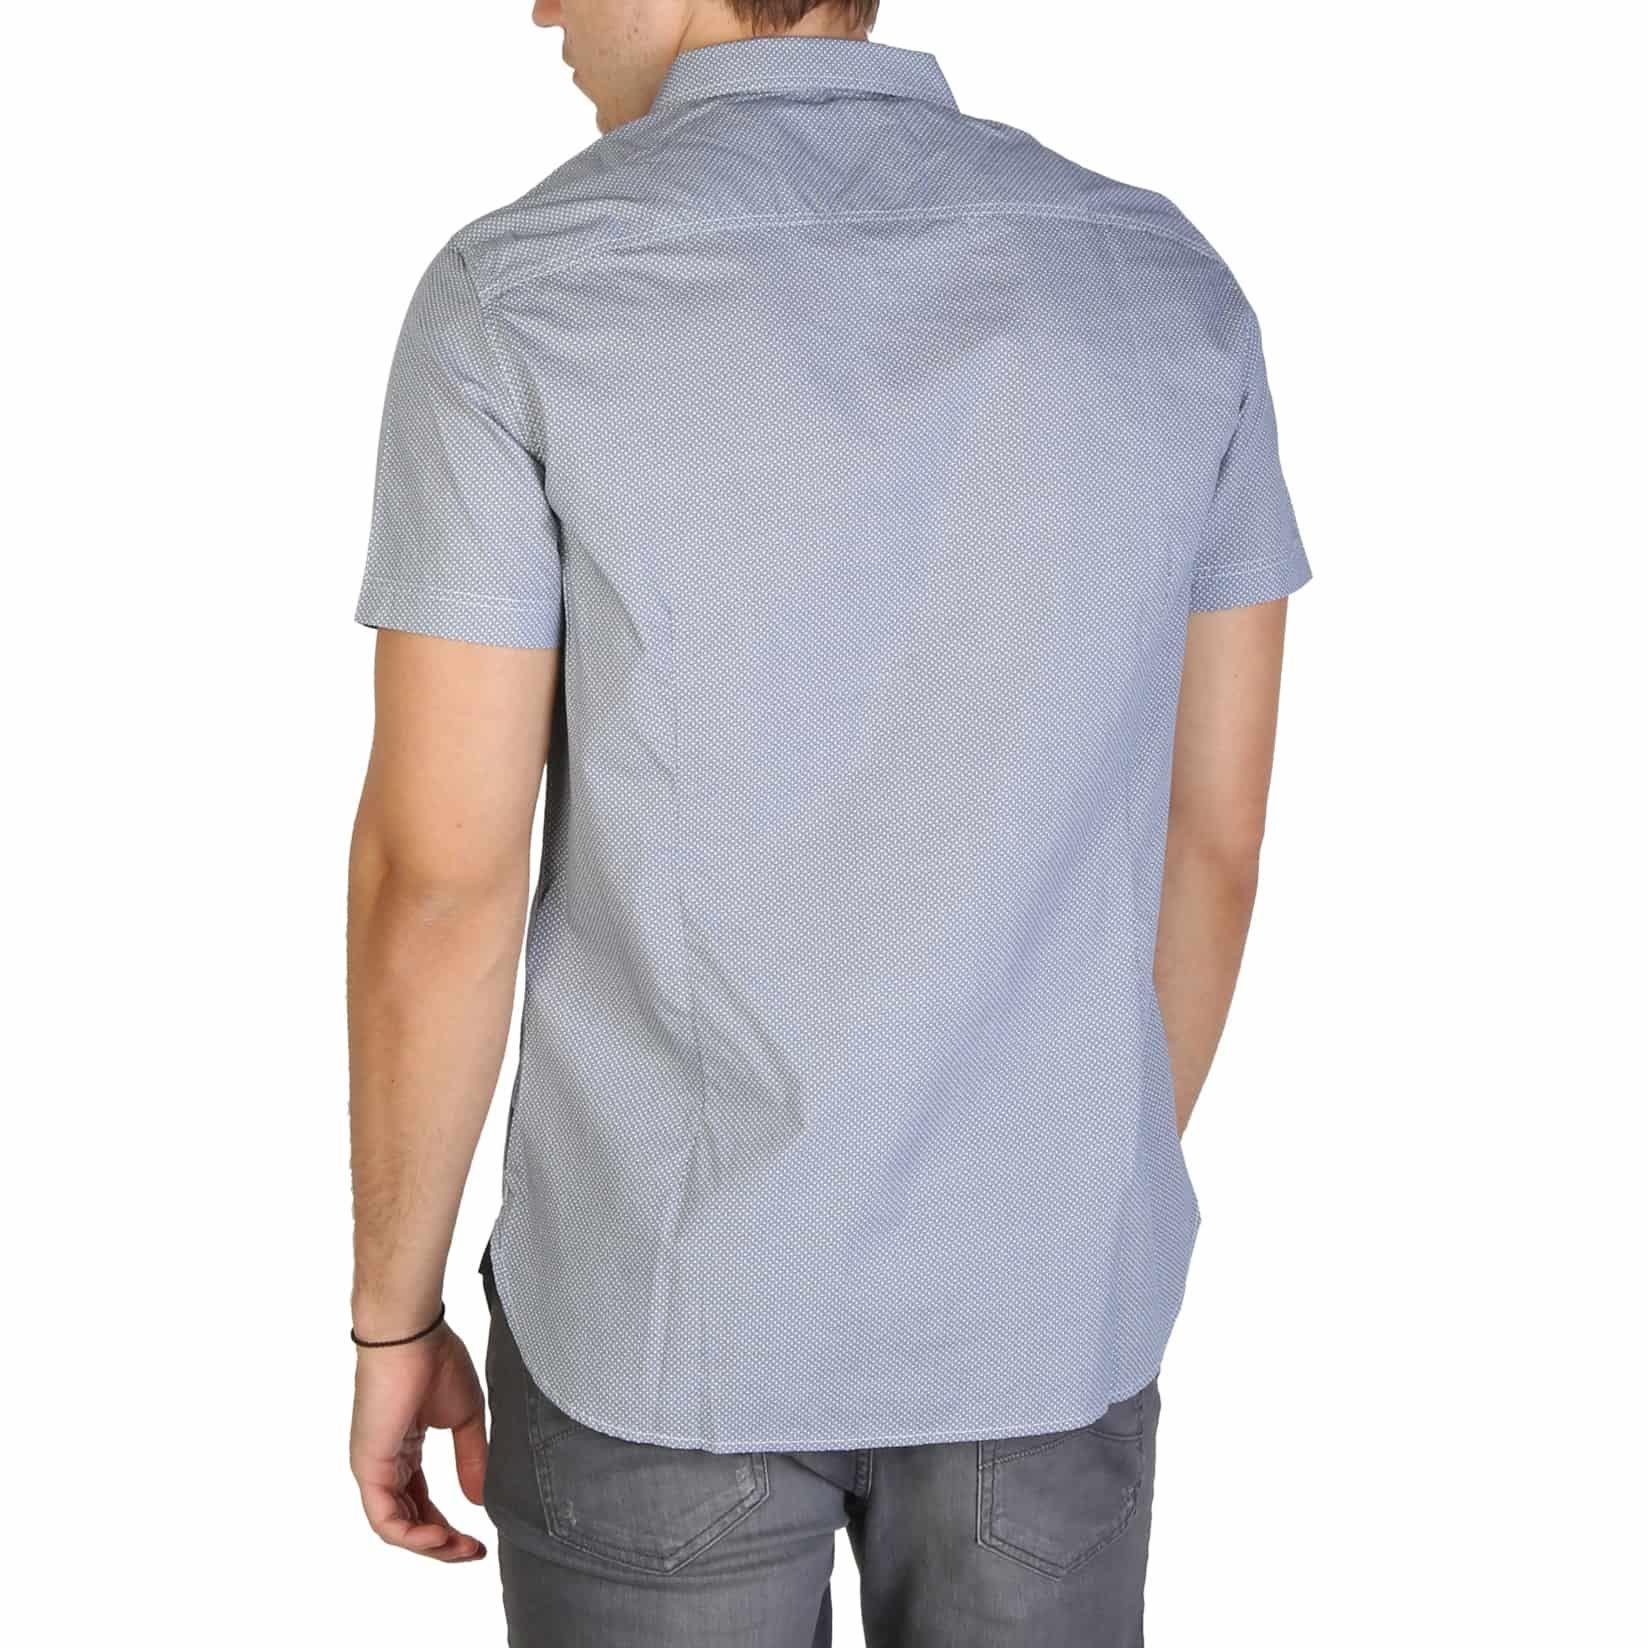 ARMANI EXCHANGE Camicia a mezze maniche Abbigliamento